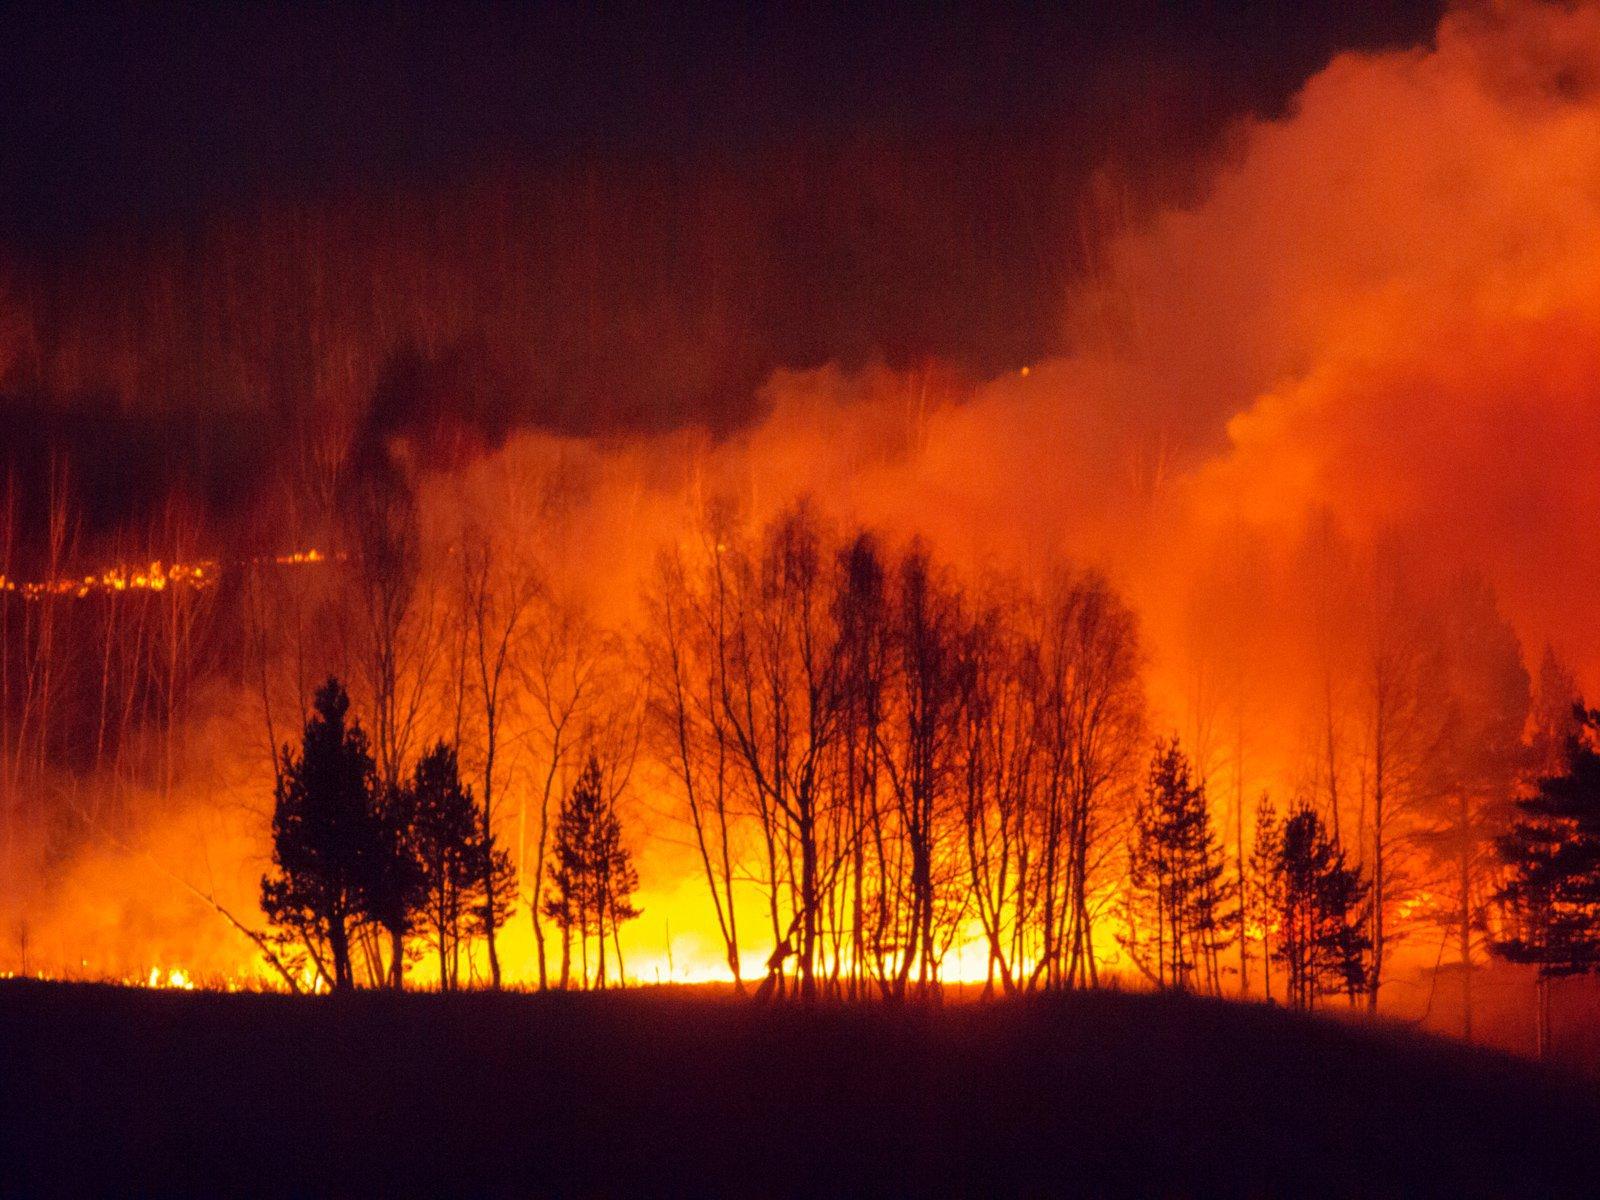 Пожары уничтожили три миллиона гектаров леса: что происходит в Сибири